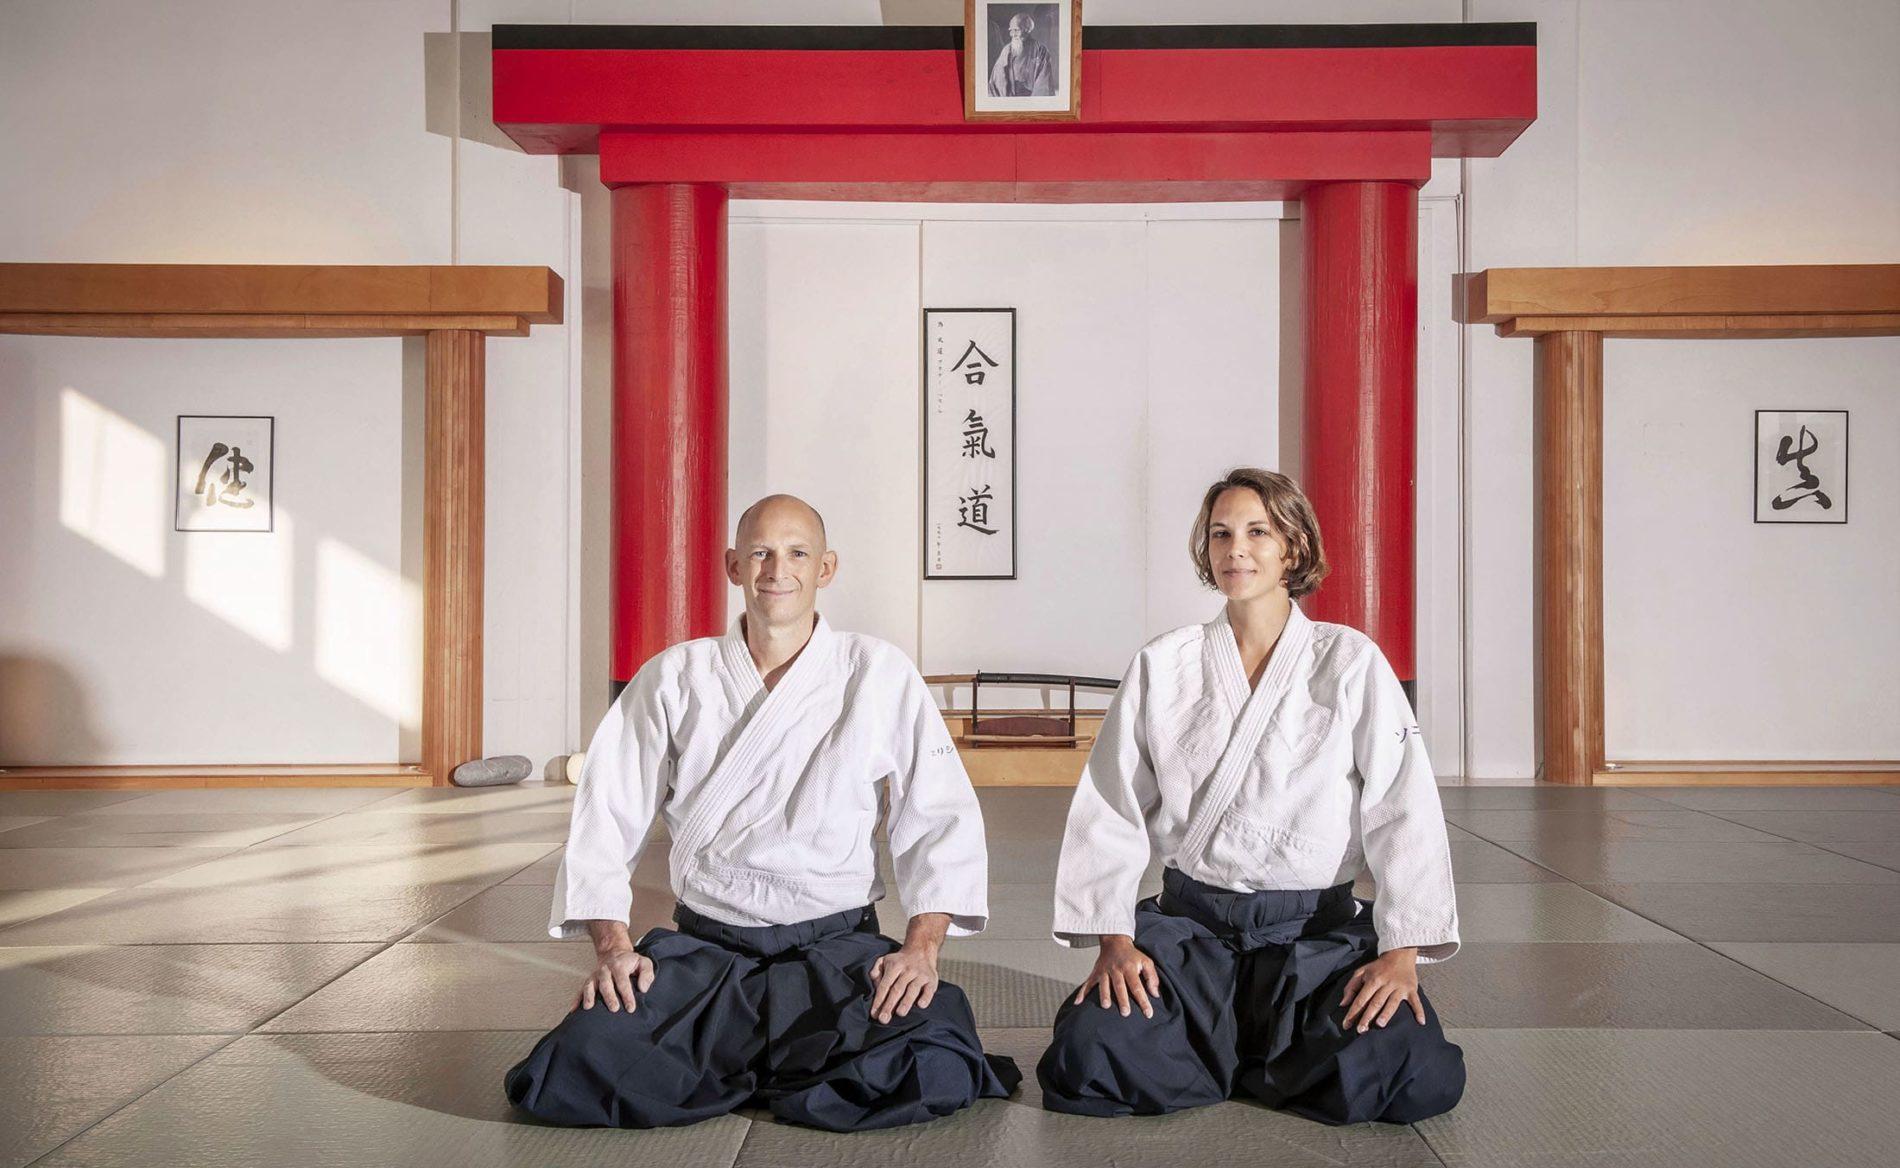 Sonja & Eric Graf